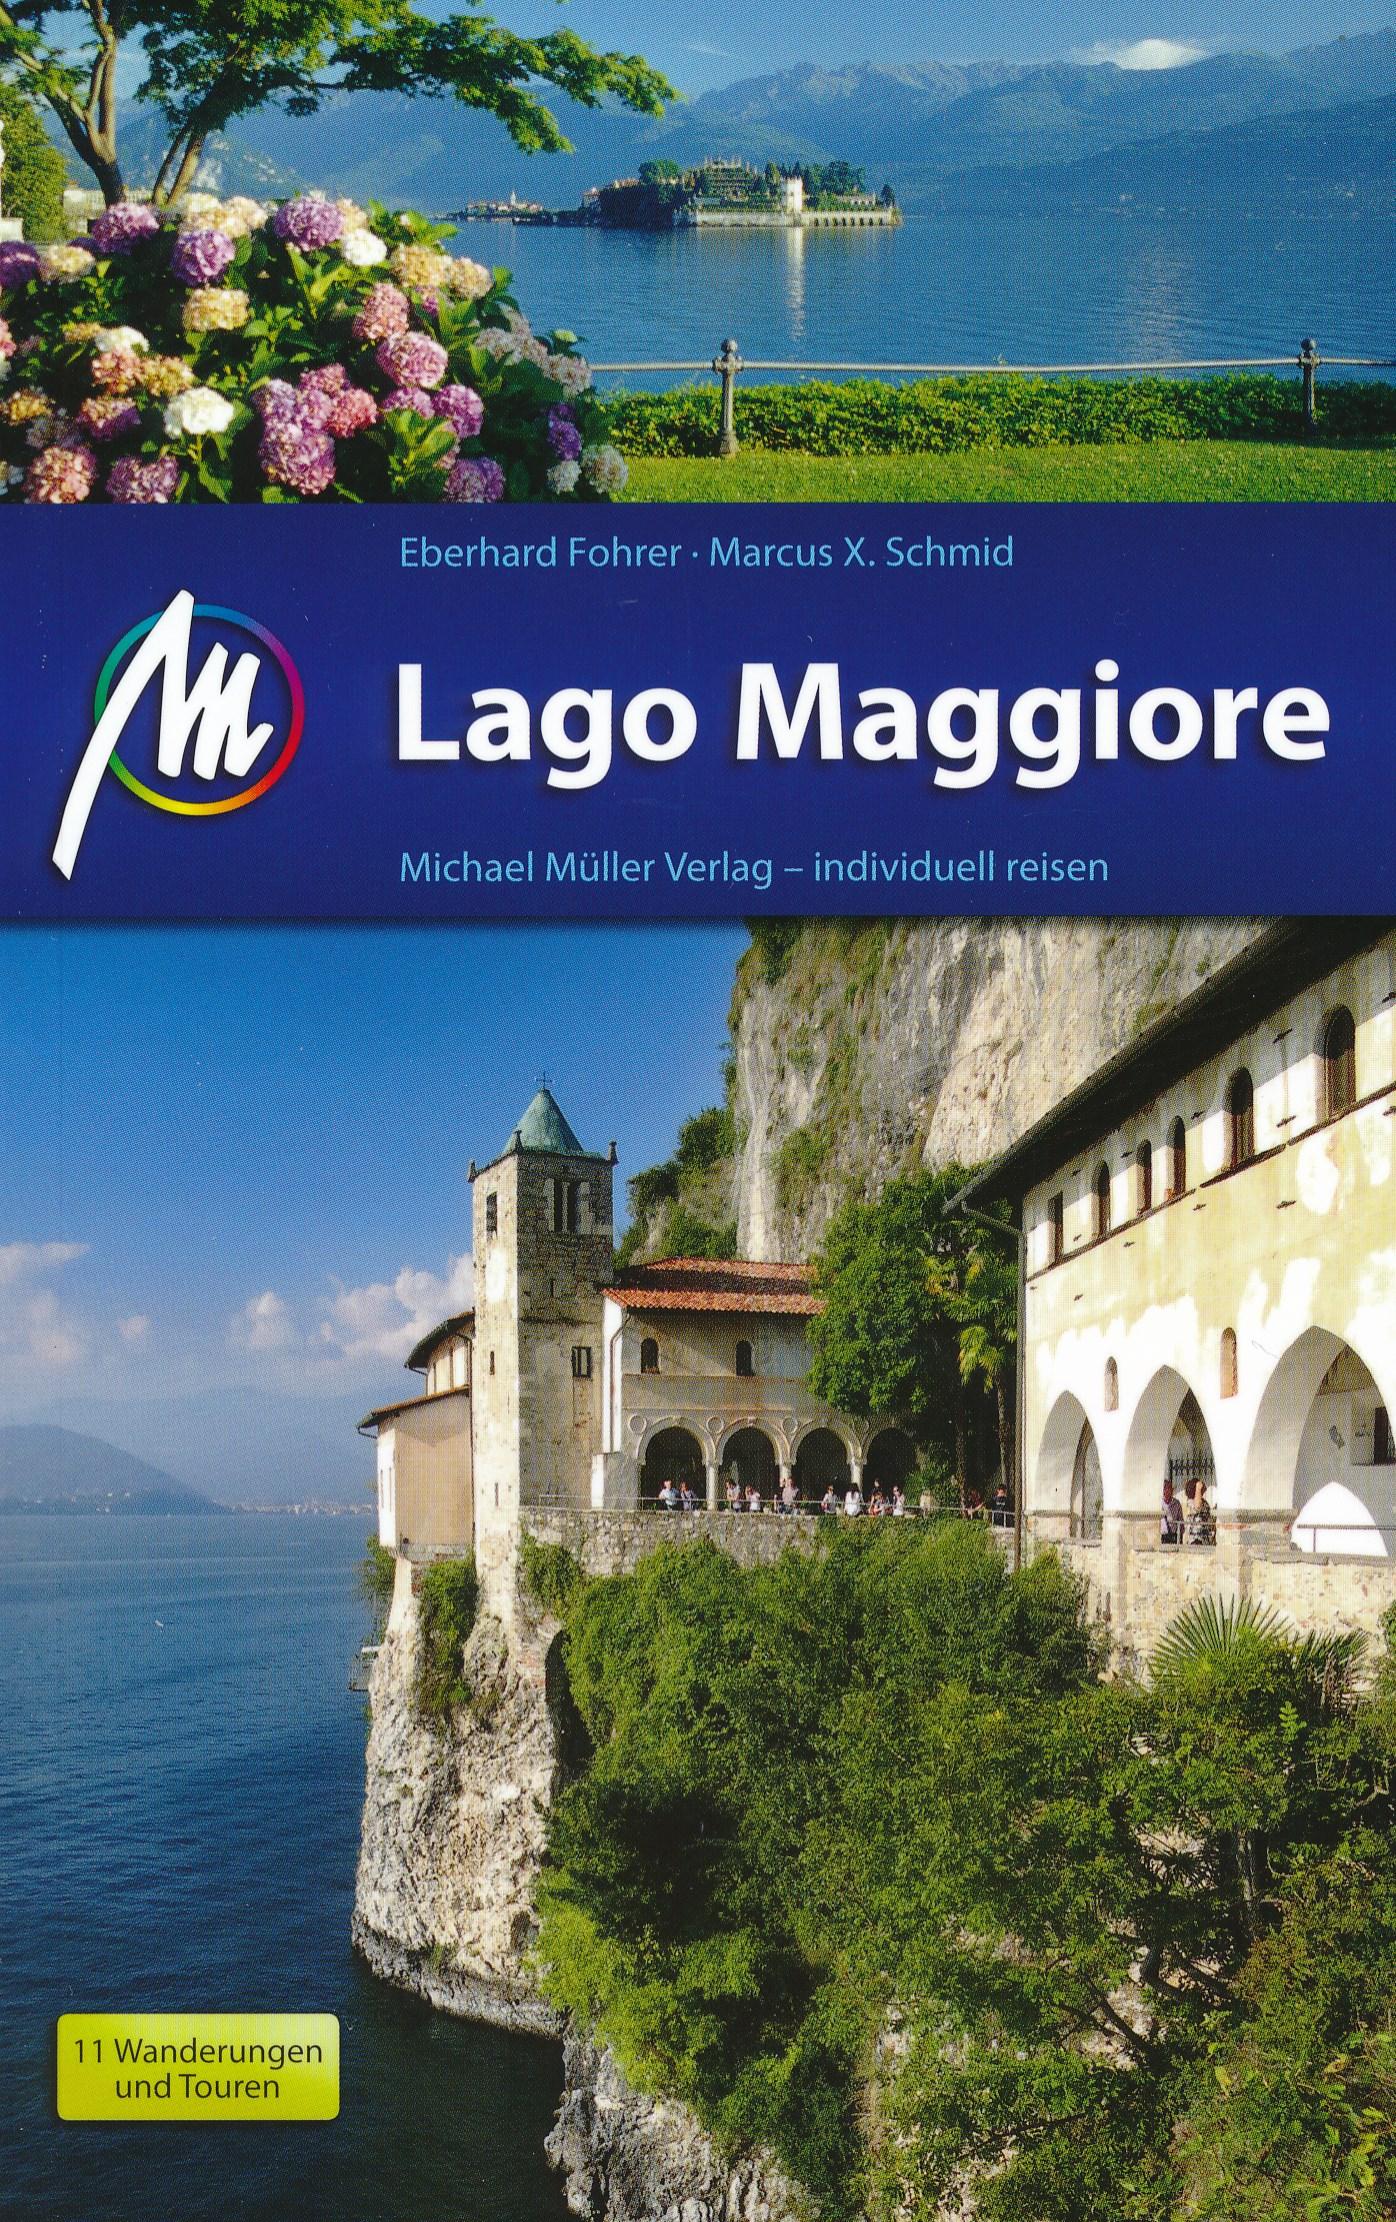 Reisgids Lago Maggiore | Michael Müller Verlag